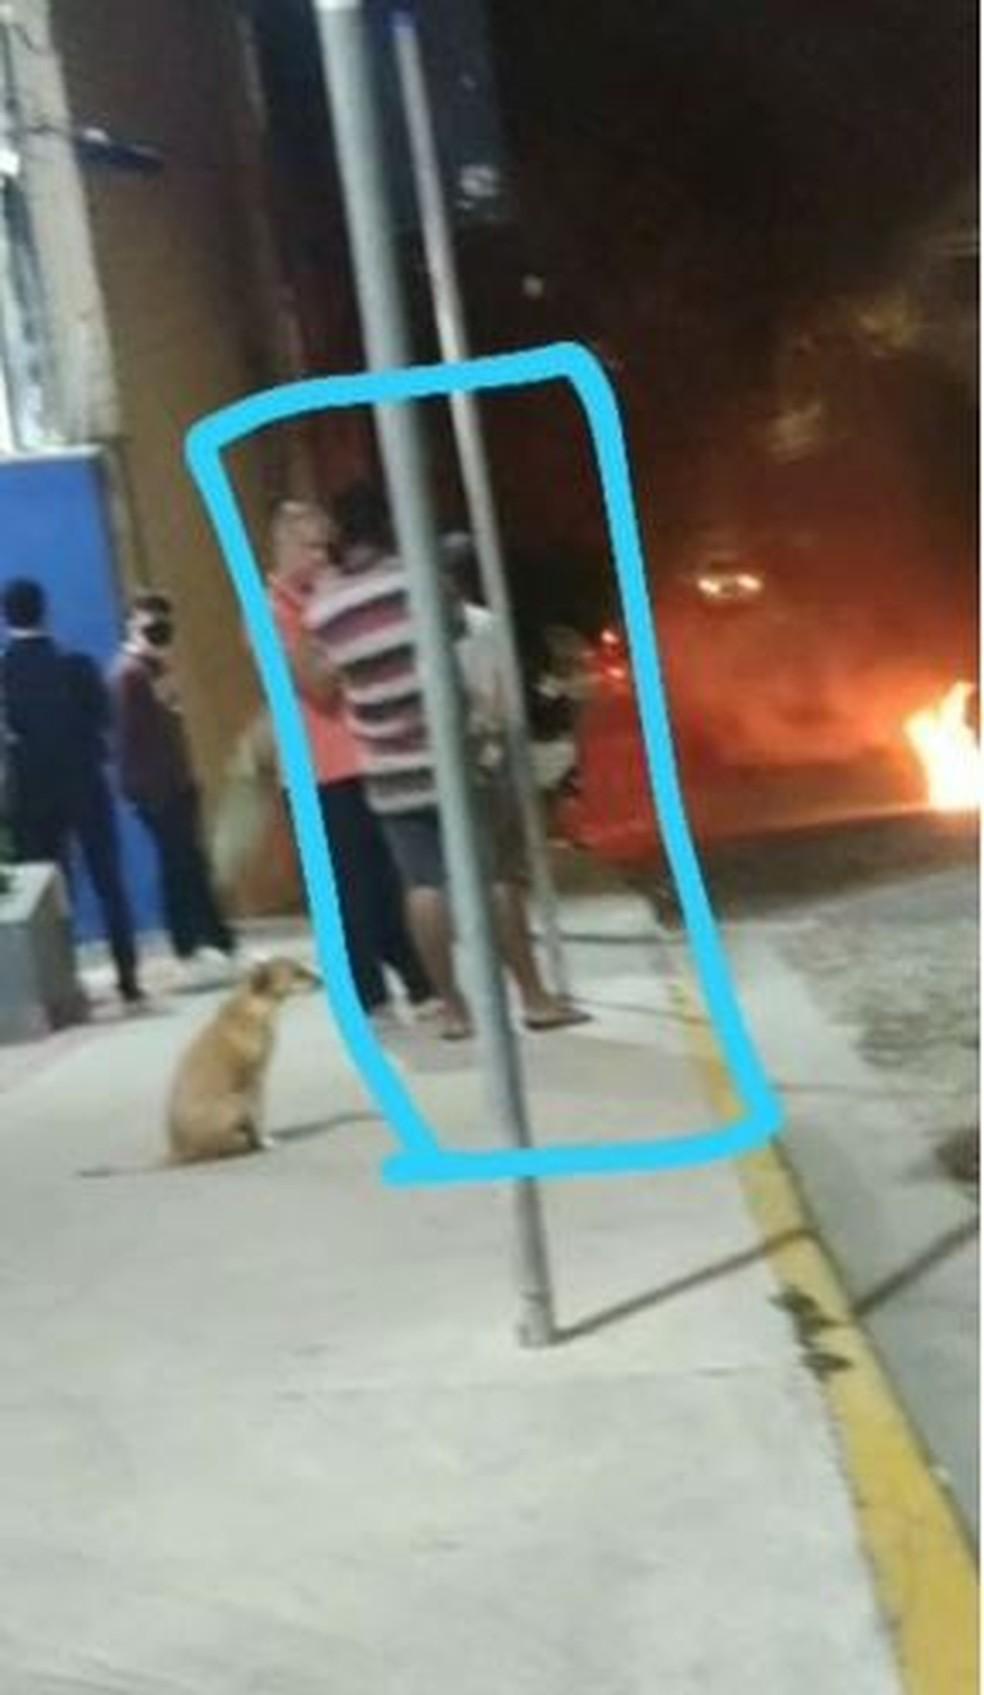 Suspeito, de camisa listrada, acompanhado de cachorro, observa carro incendiado — Foto: Redes sociais